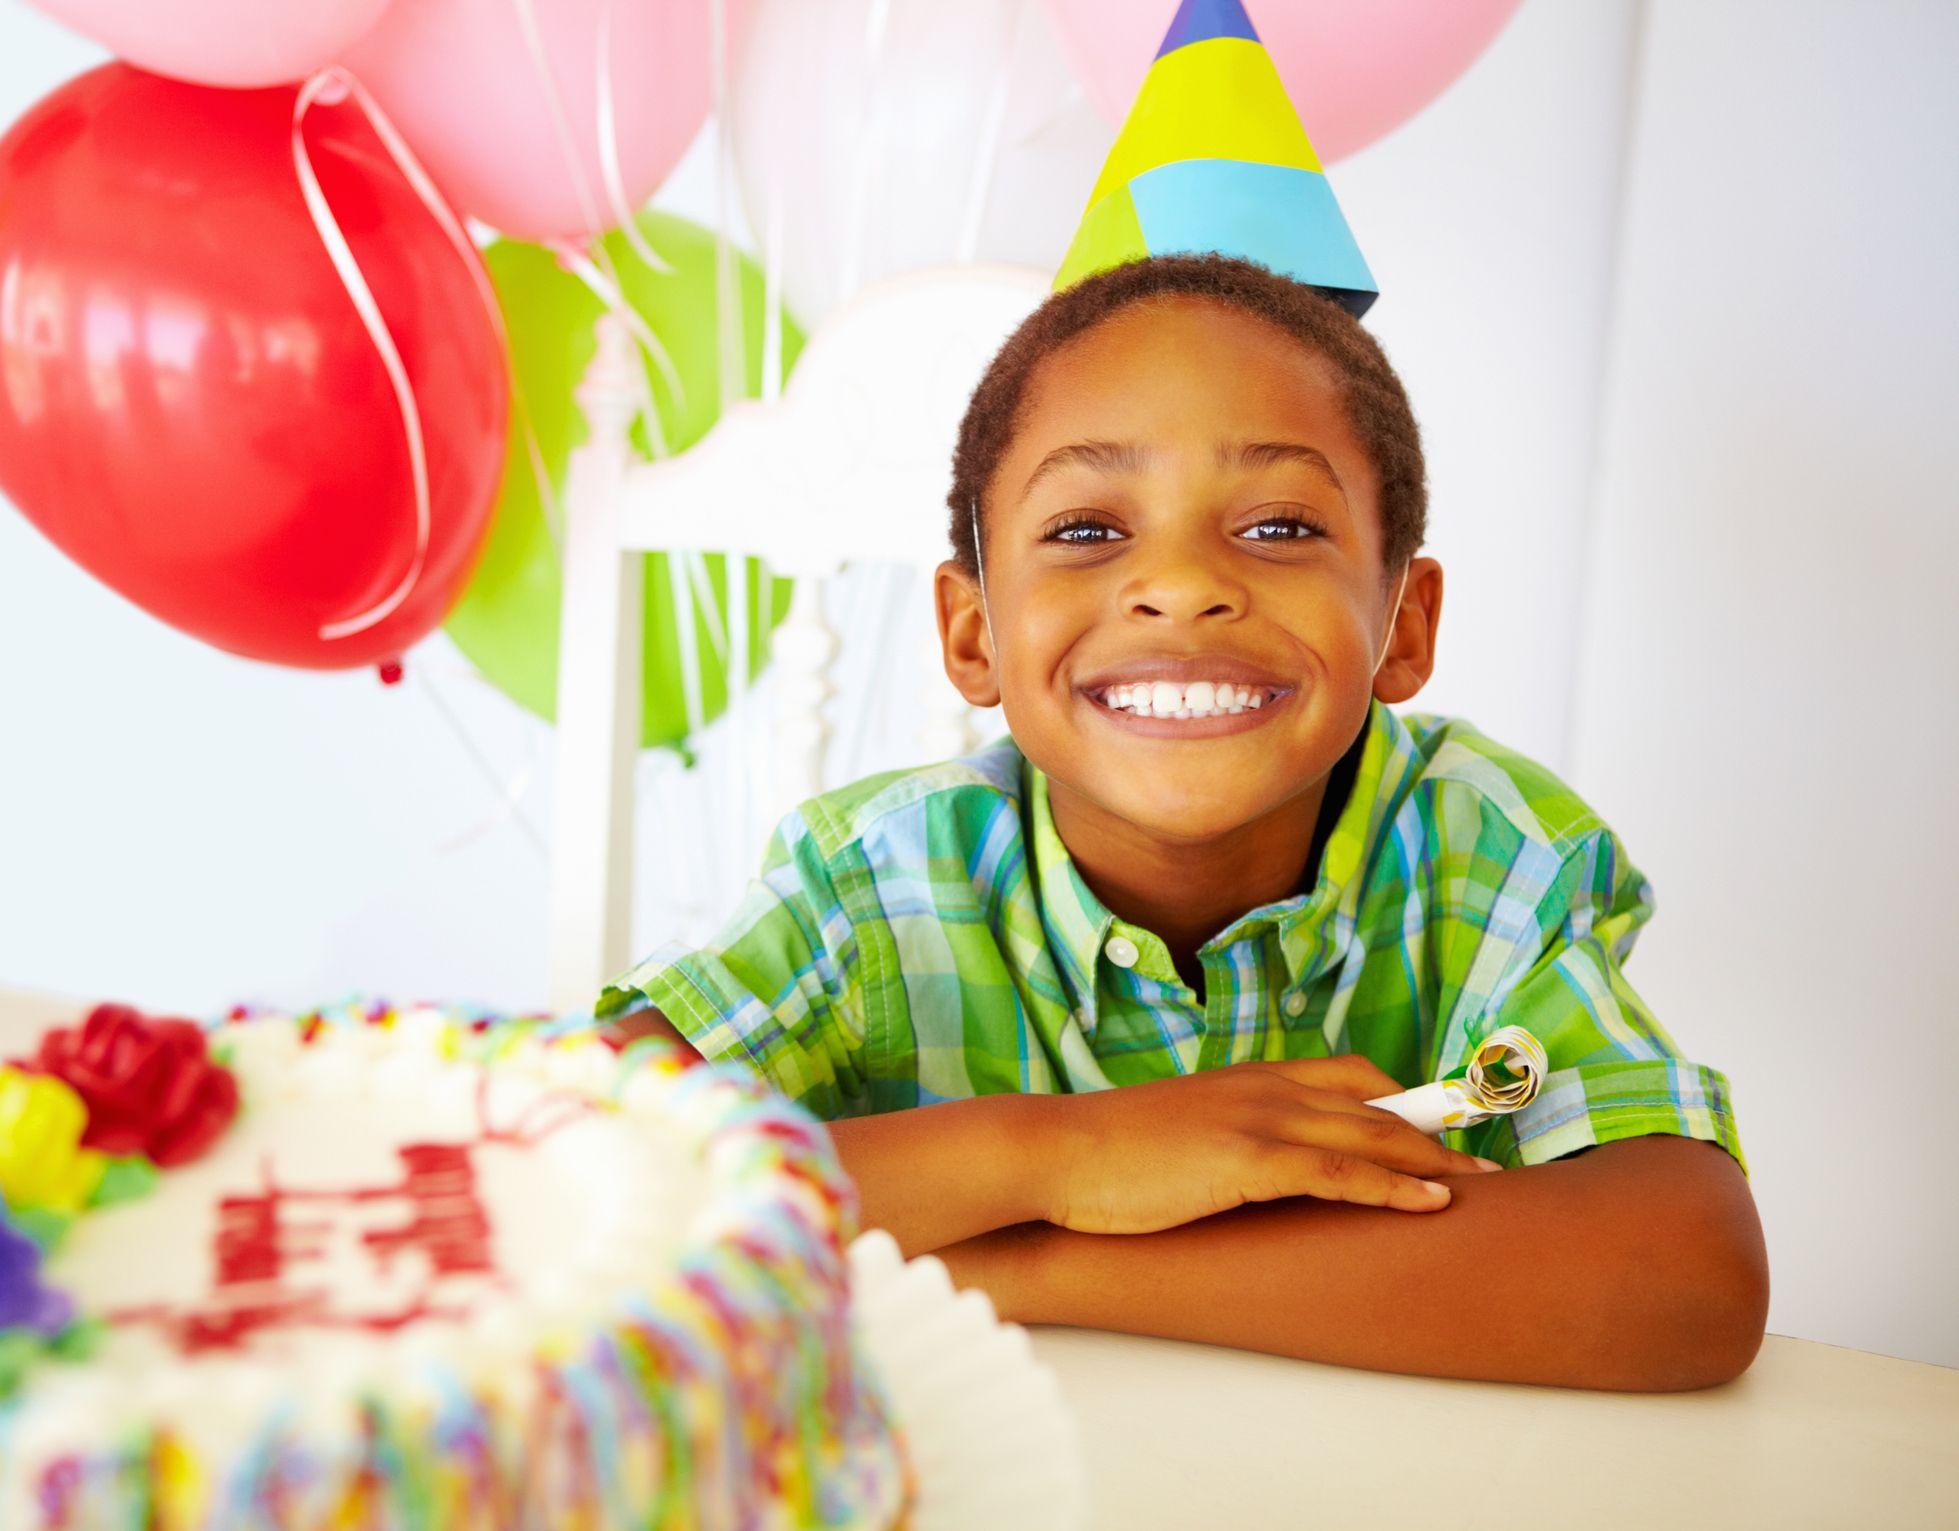 χαμογελαστό μικρό αγόρι μπροστά από το κέικ στο πάρτι γενεθλίων